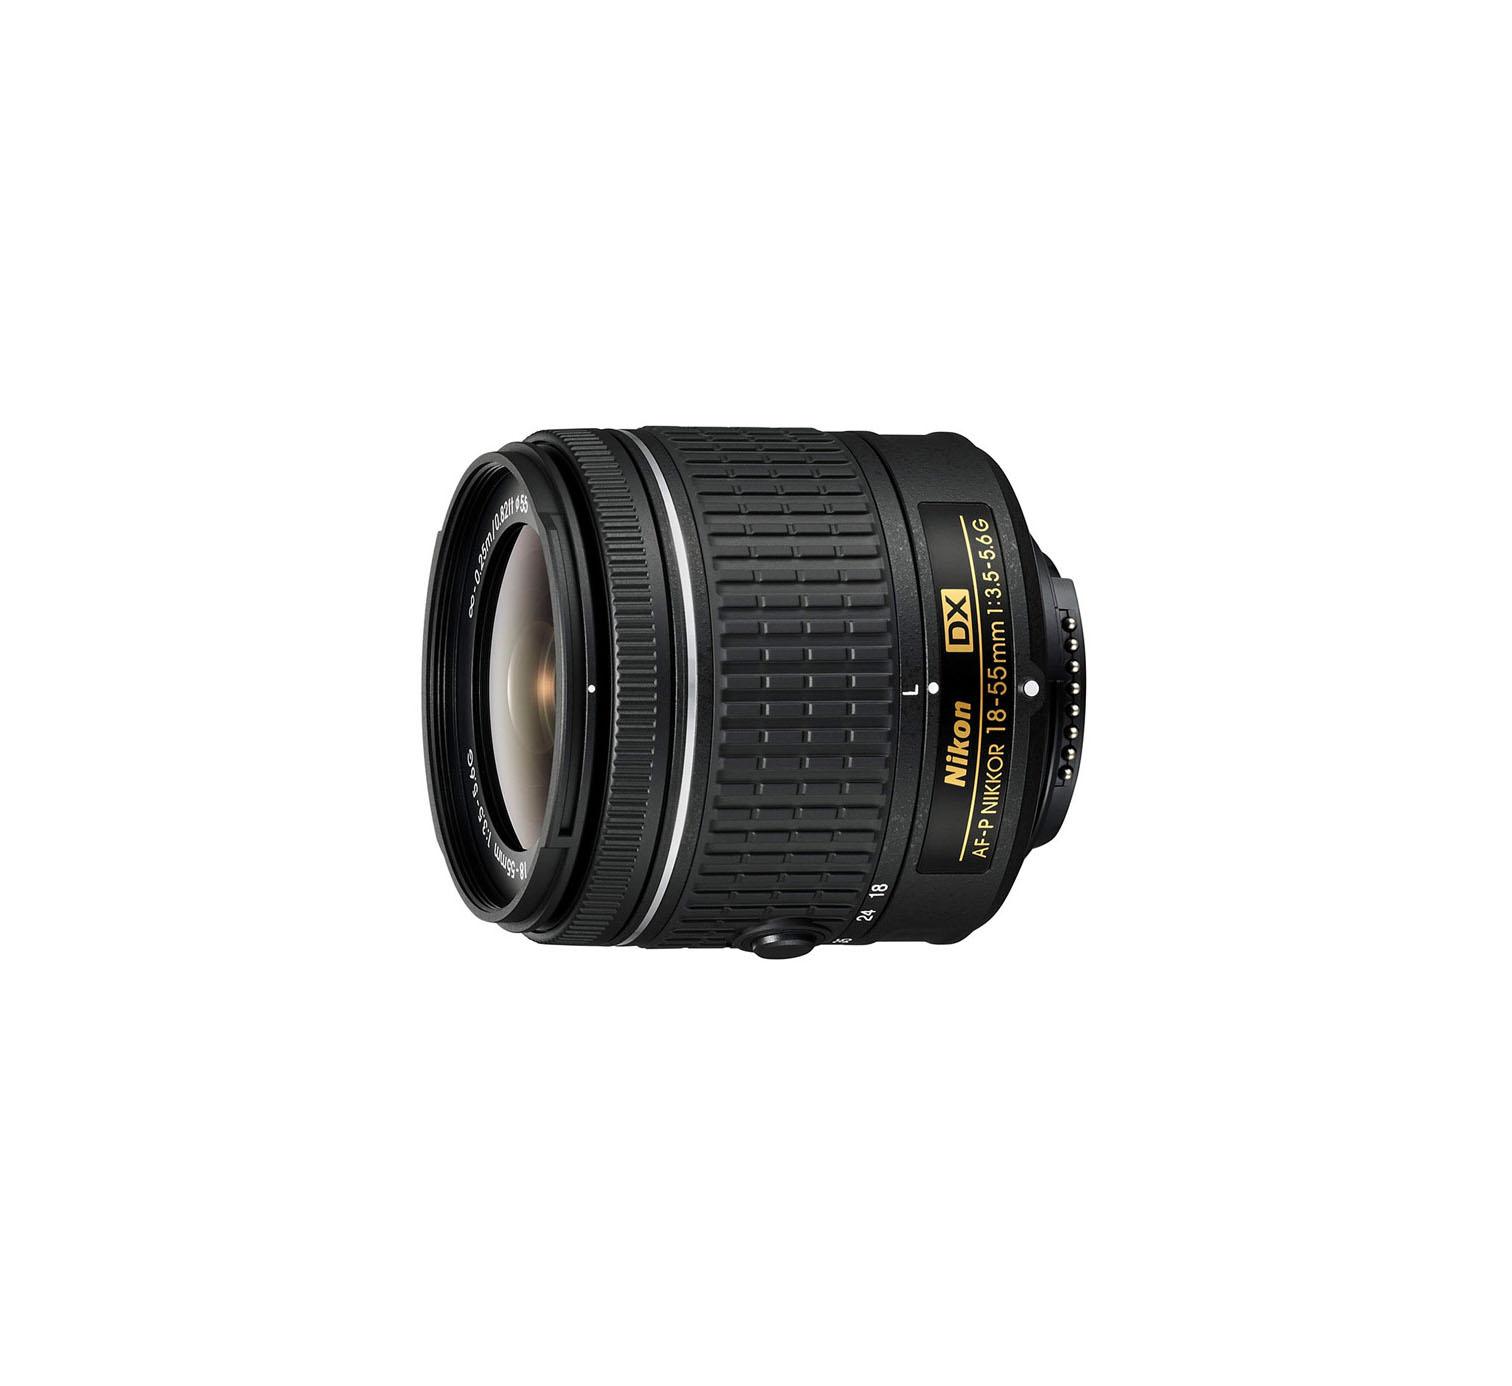 Nikon AF-P 18-55mm f/3.5-5.6 G DX